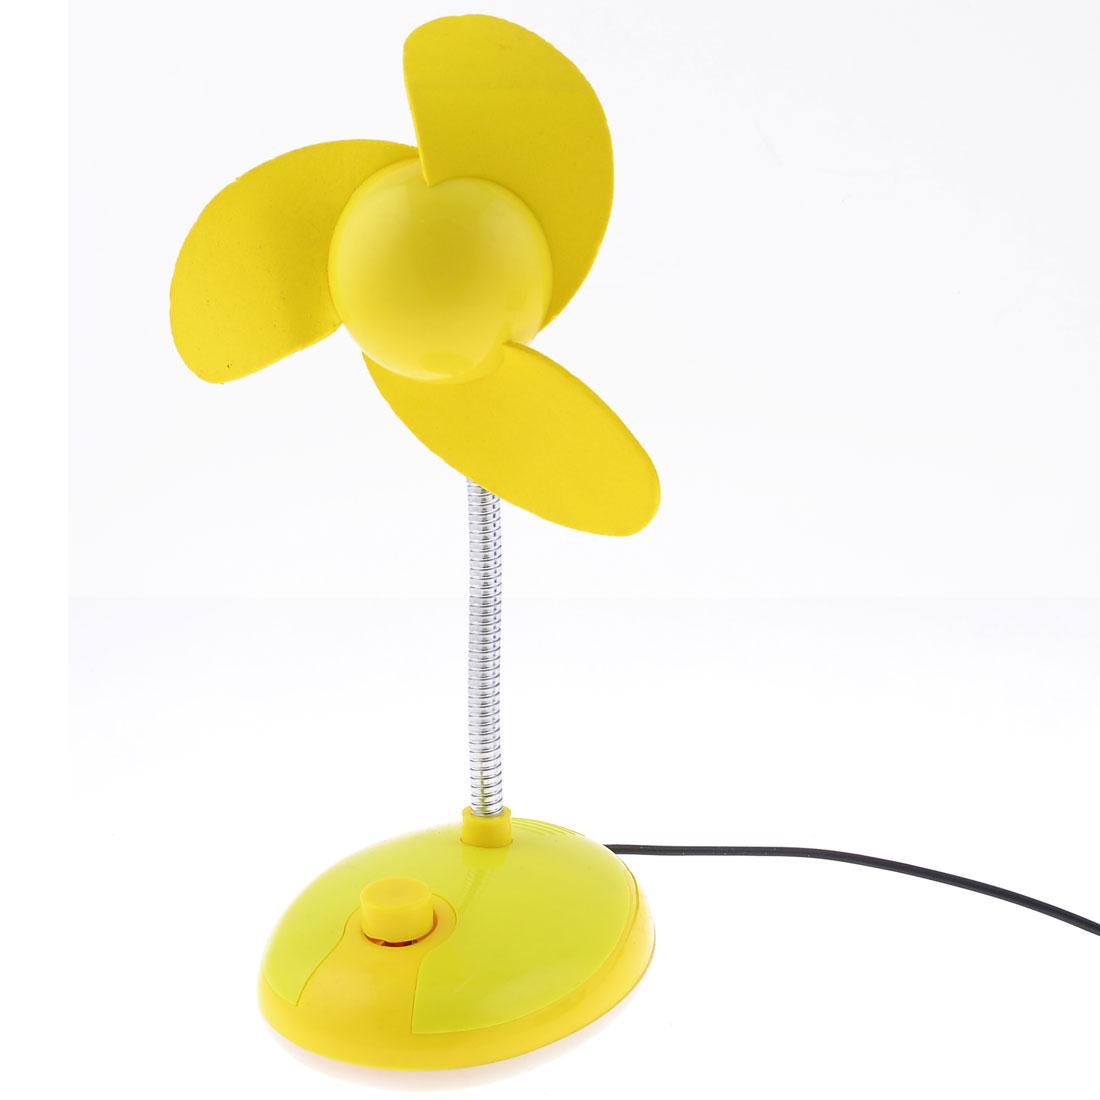 Metal Flexible Neck 3 Foam Flabellums Desktop USB Desk Mini Fan Cooler Yellow